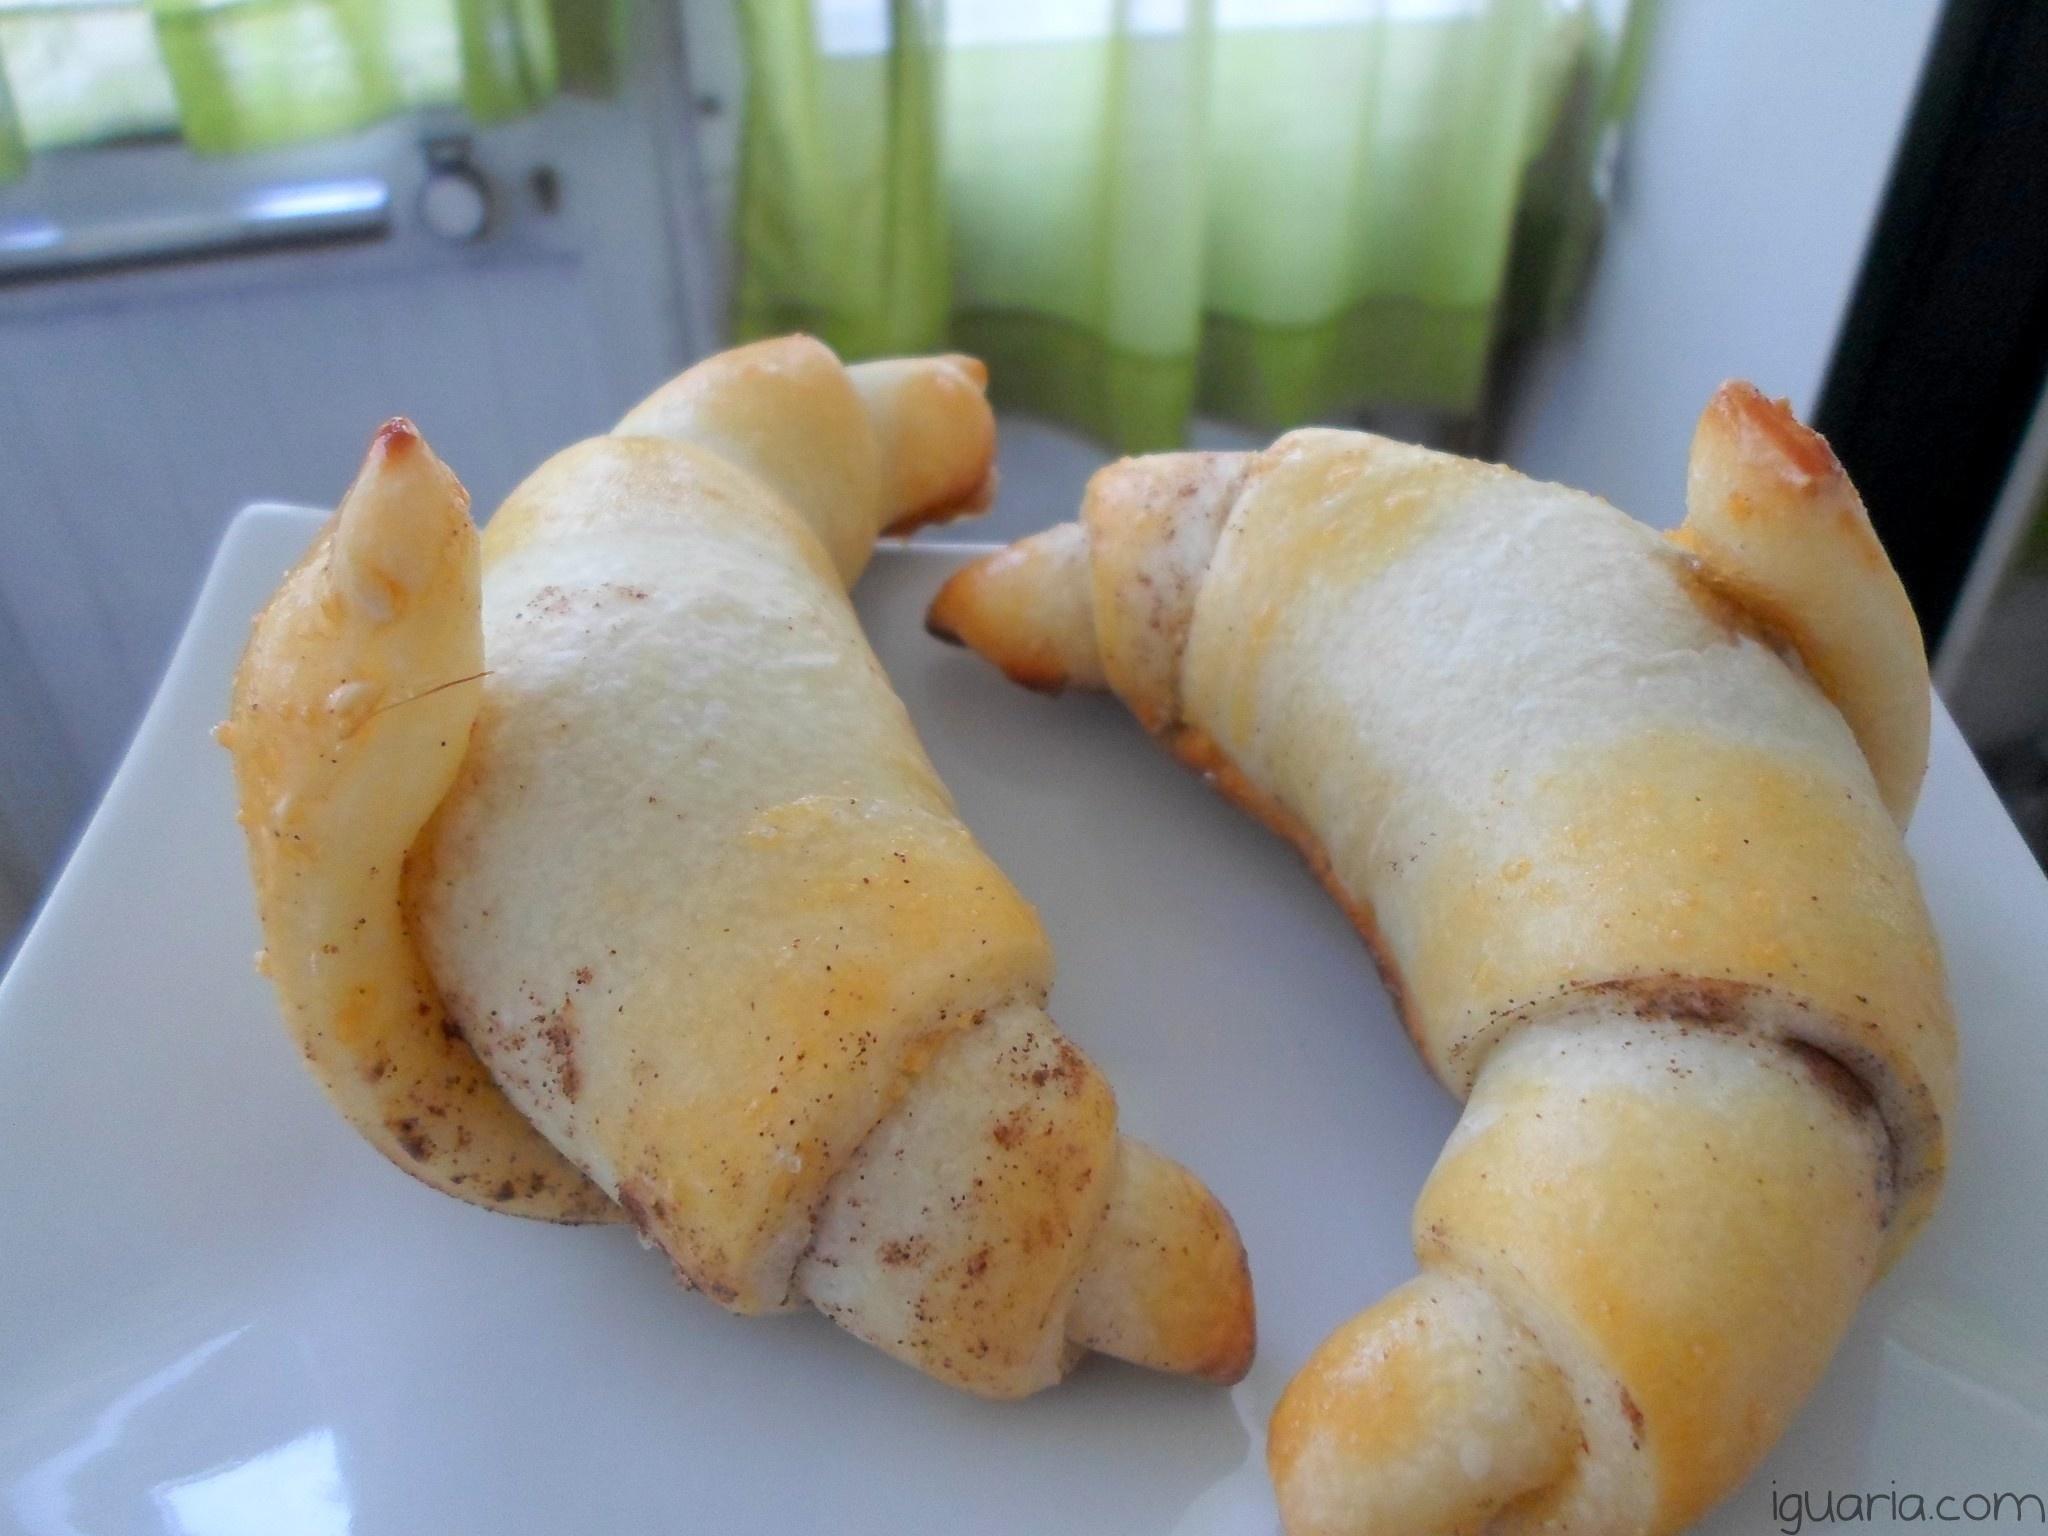 iguaria-croissants-de-acucar-canela